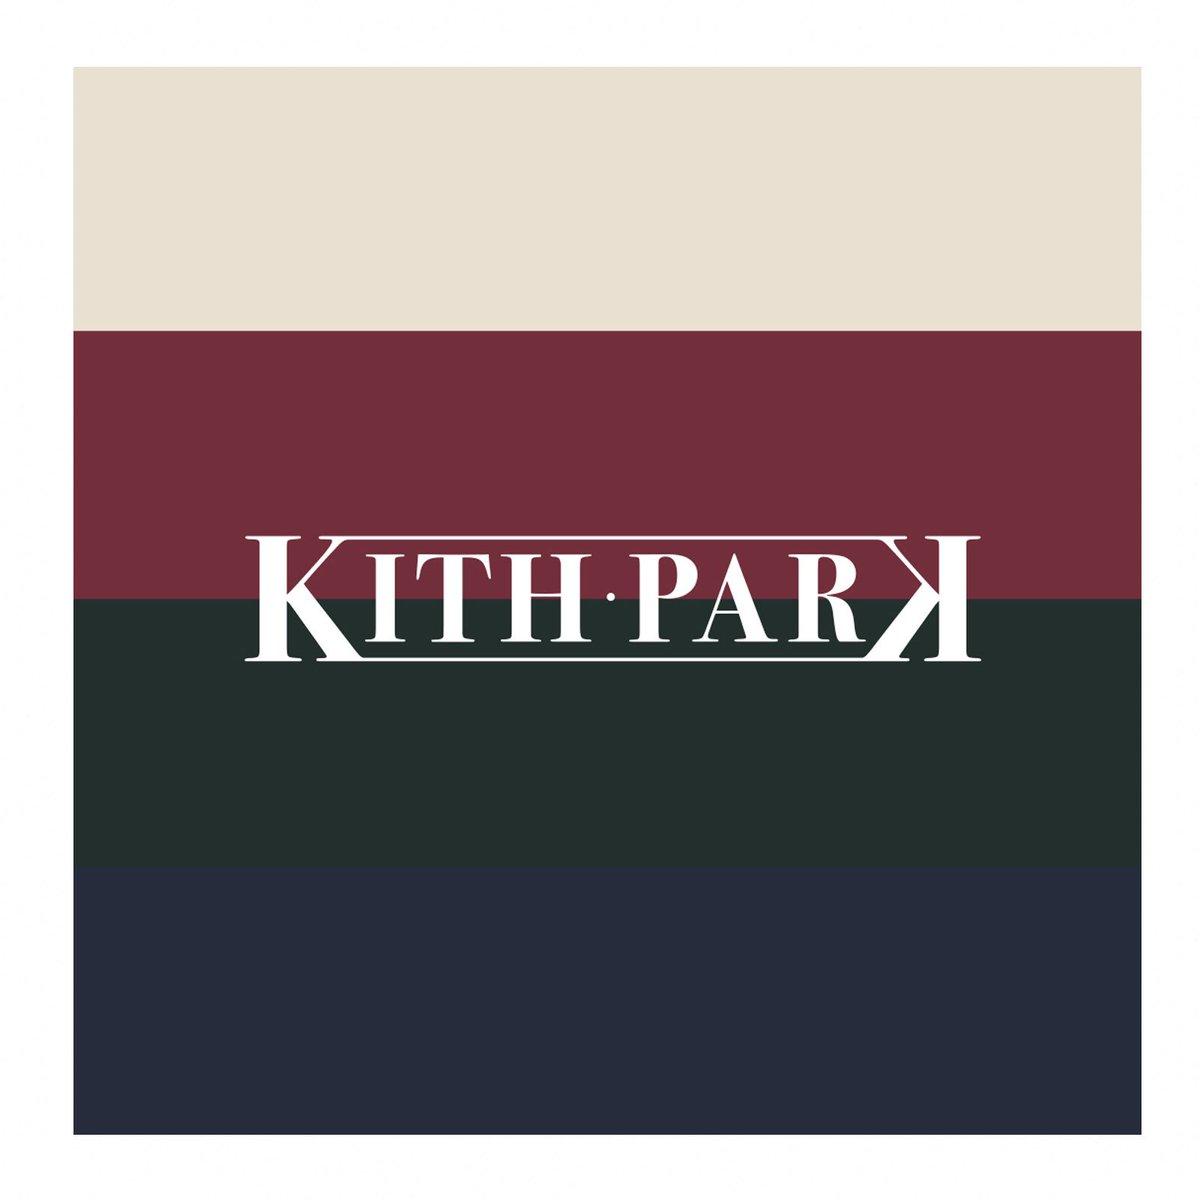 Kith Park